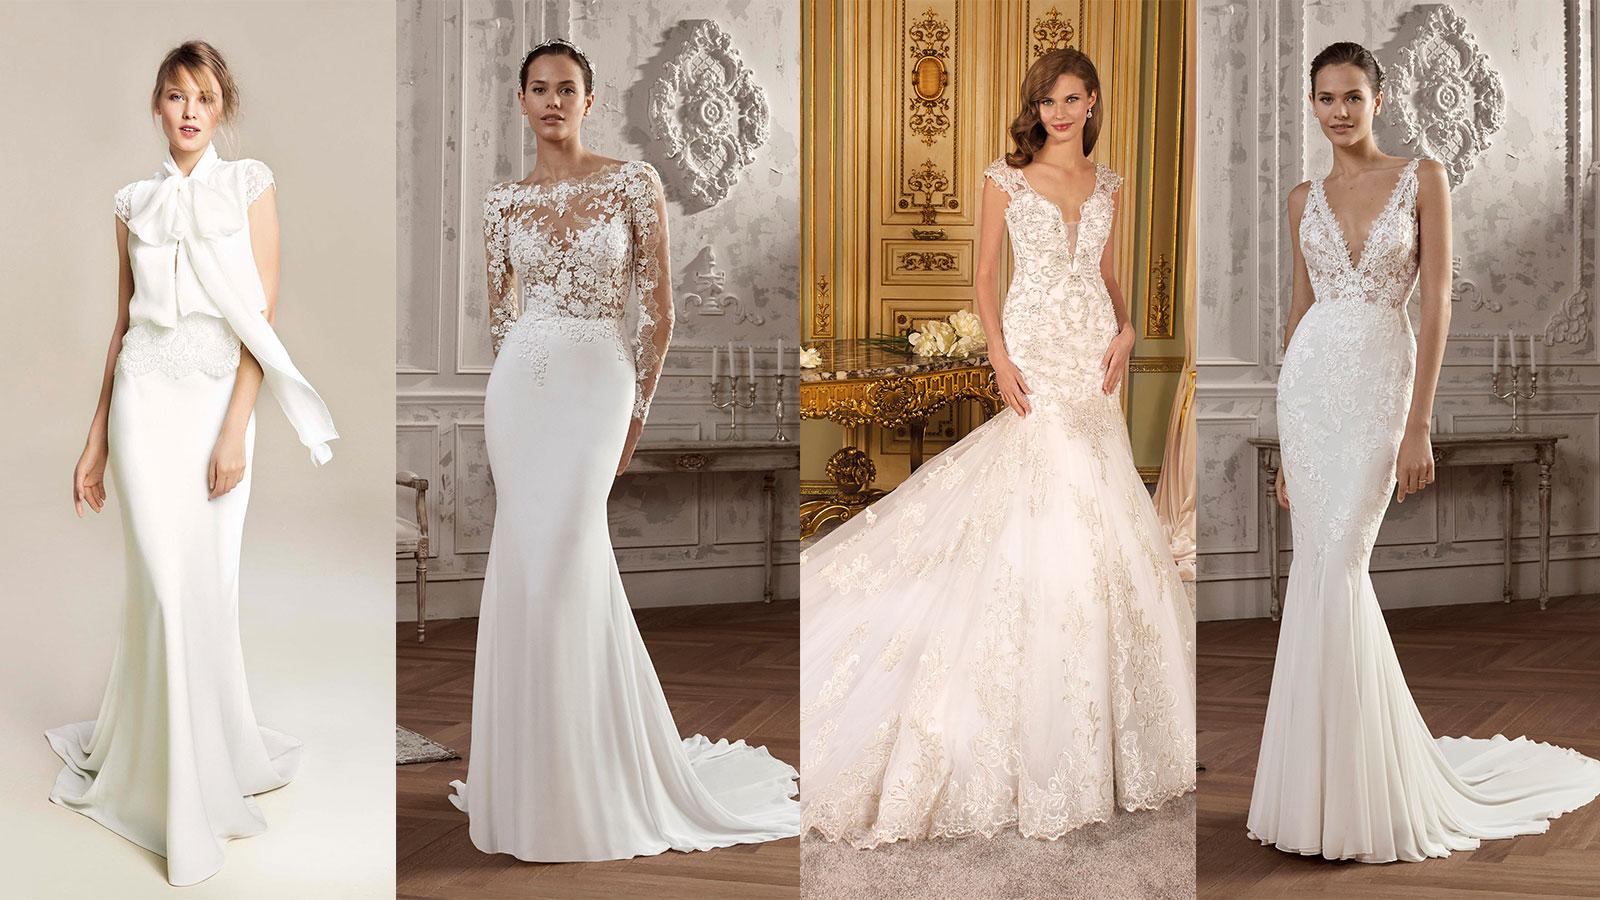 Abiti Da Sposa E Cerimonia.8 Abiti Da Sposa A Sirena 2019 Novias Abiti Da Sposi E